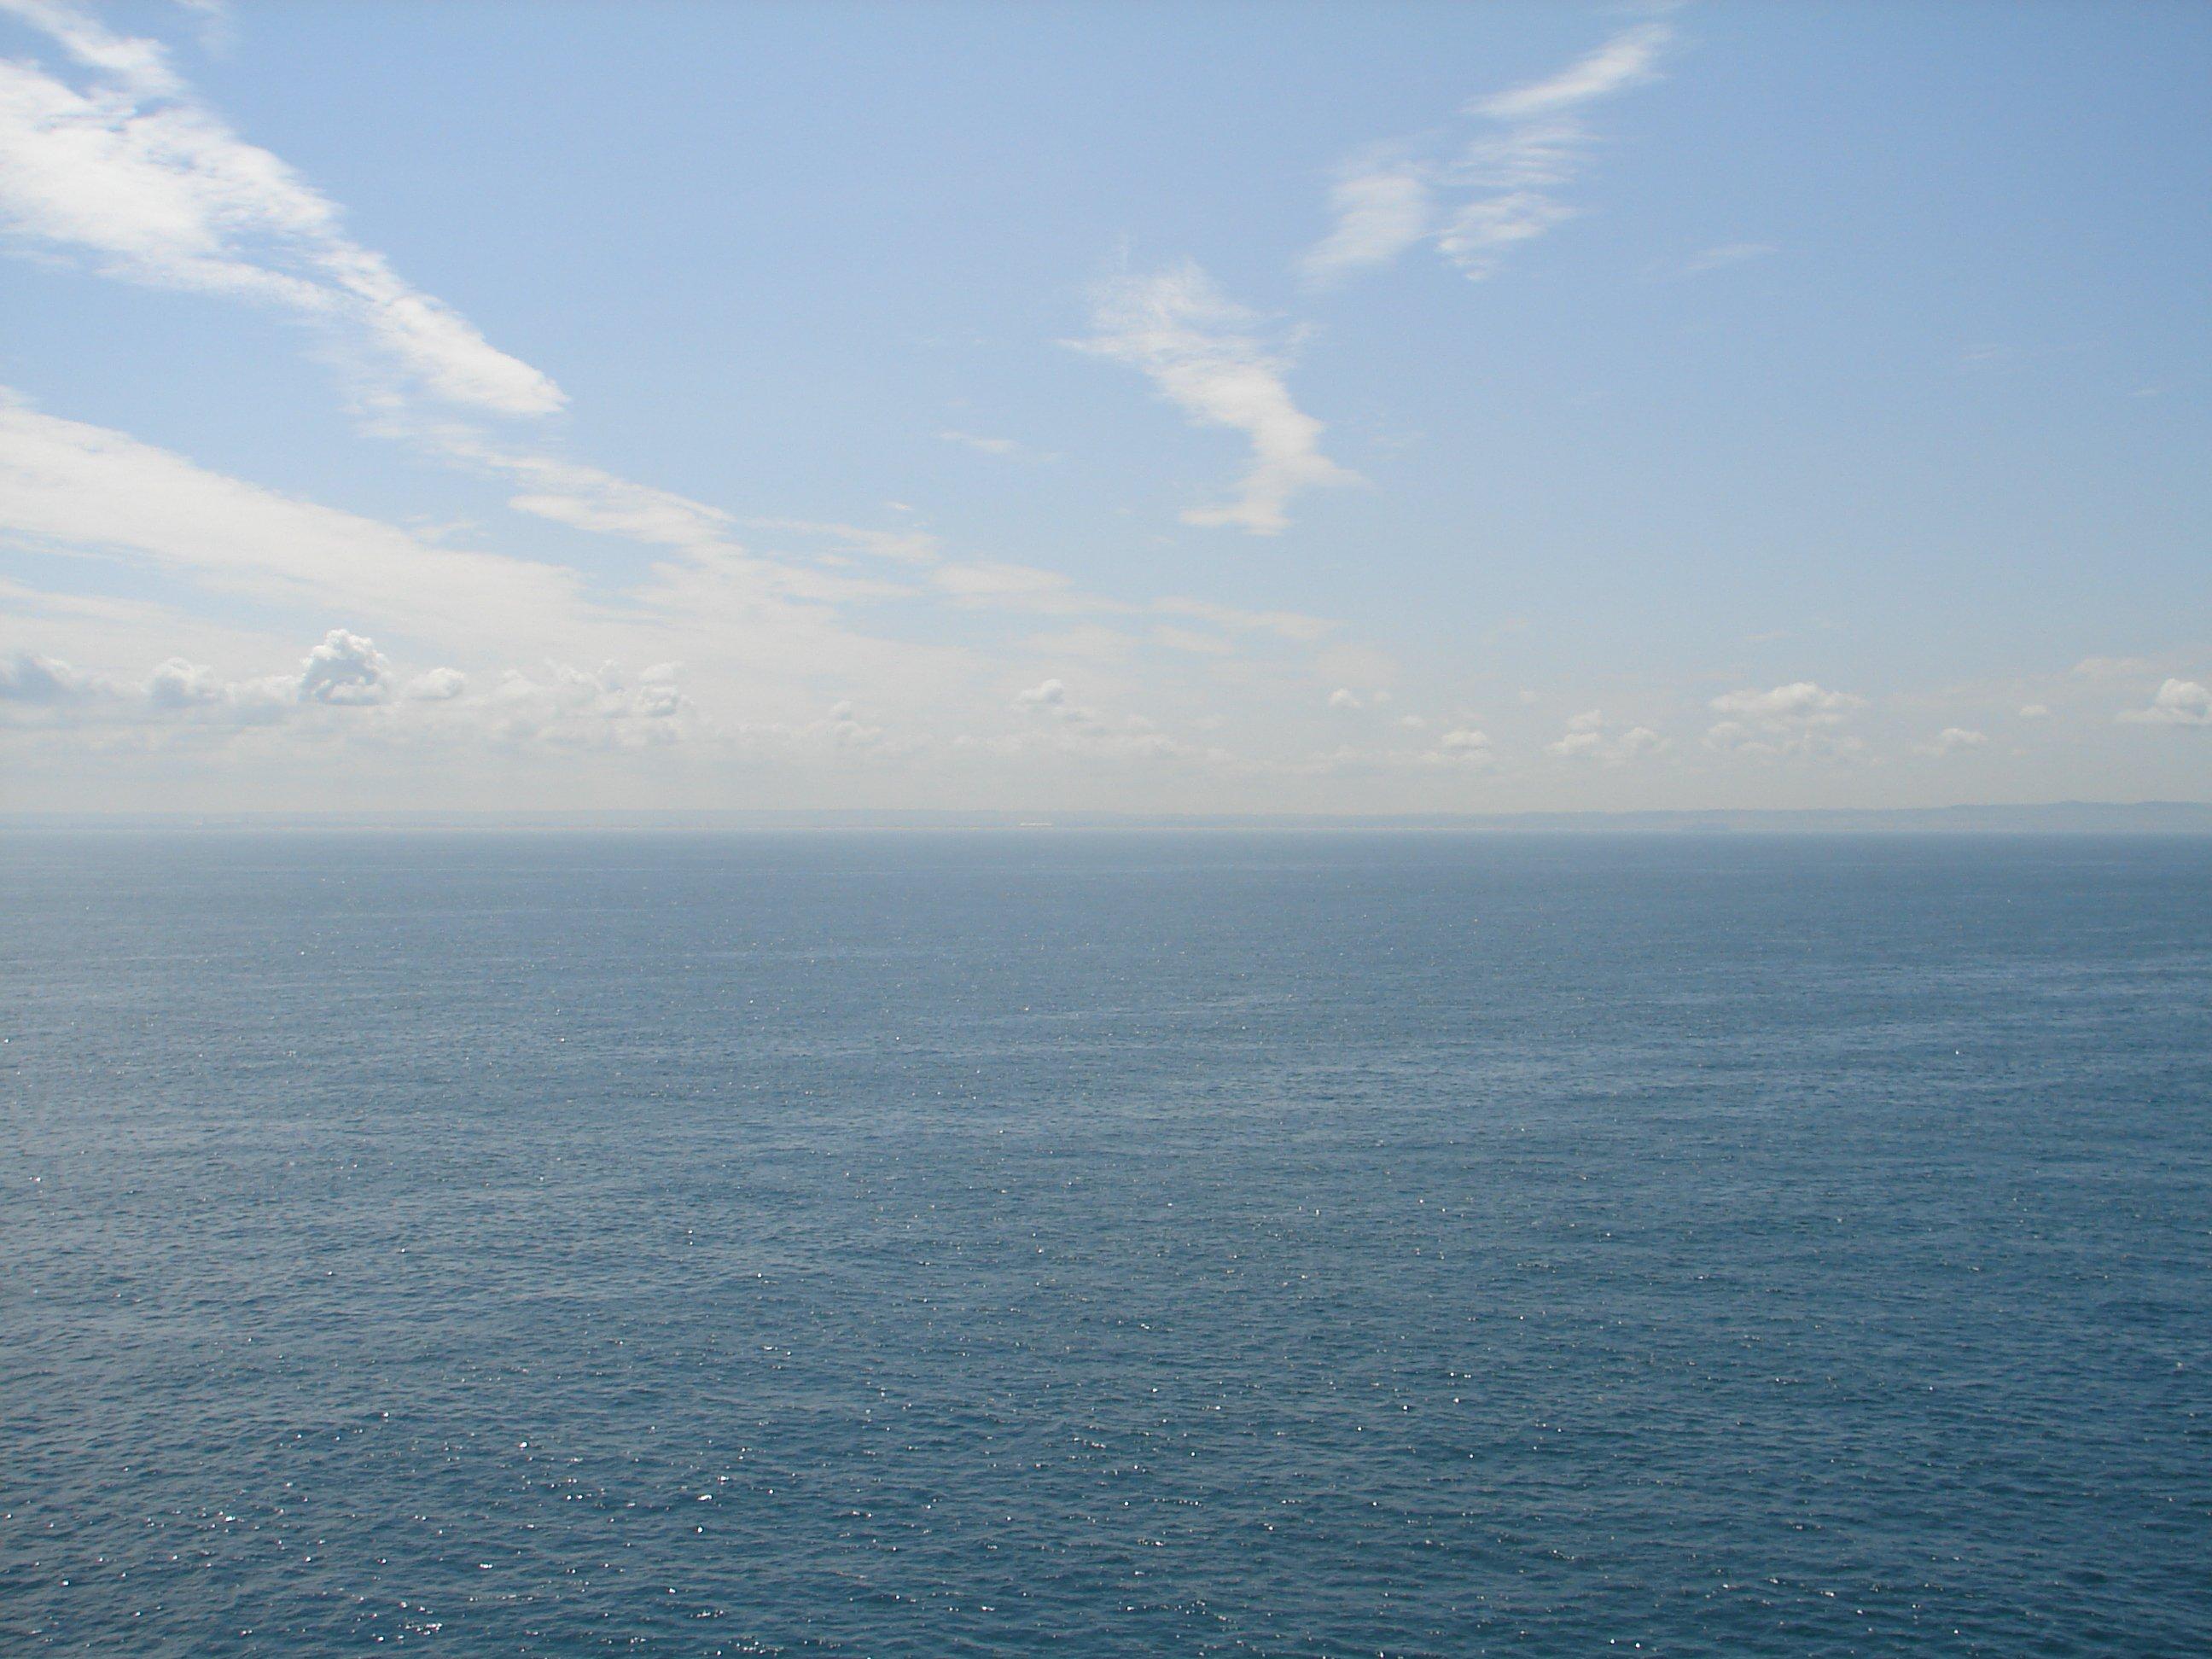 stage en angleterre 2009 une mer d huille et un beau ciel bleu l oc an indien et non la. Black Bedroom Furniture Sets. Home Design Ideas